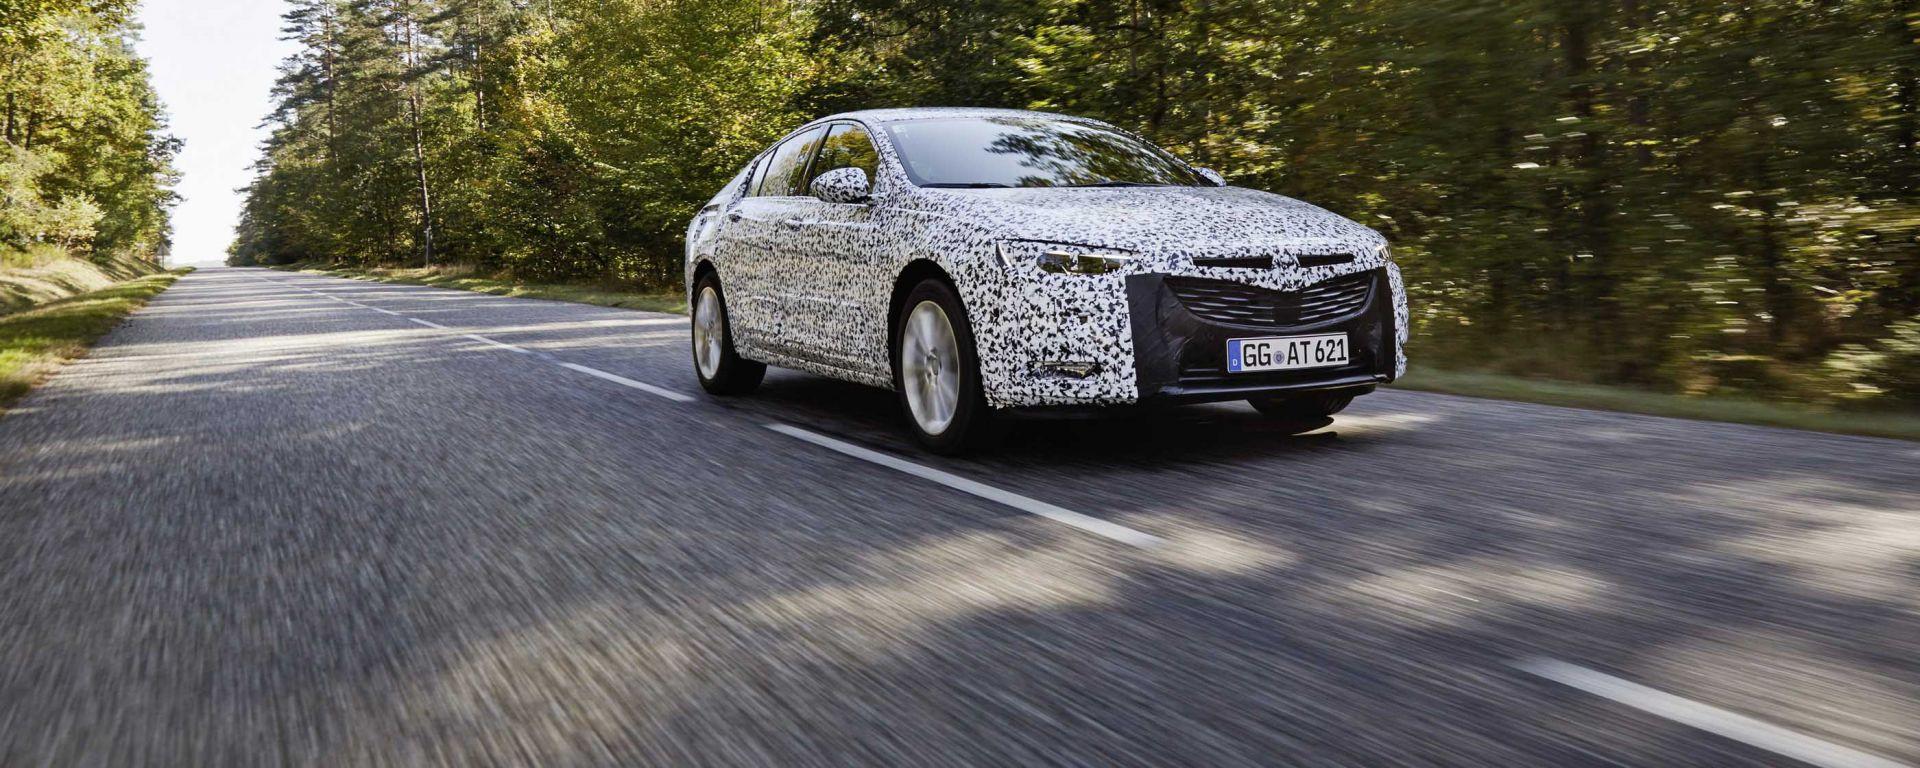 Opel Inisignia: la nuova generazione aggiungerà al nome le parole Grand Tourer